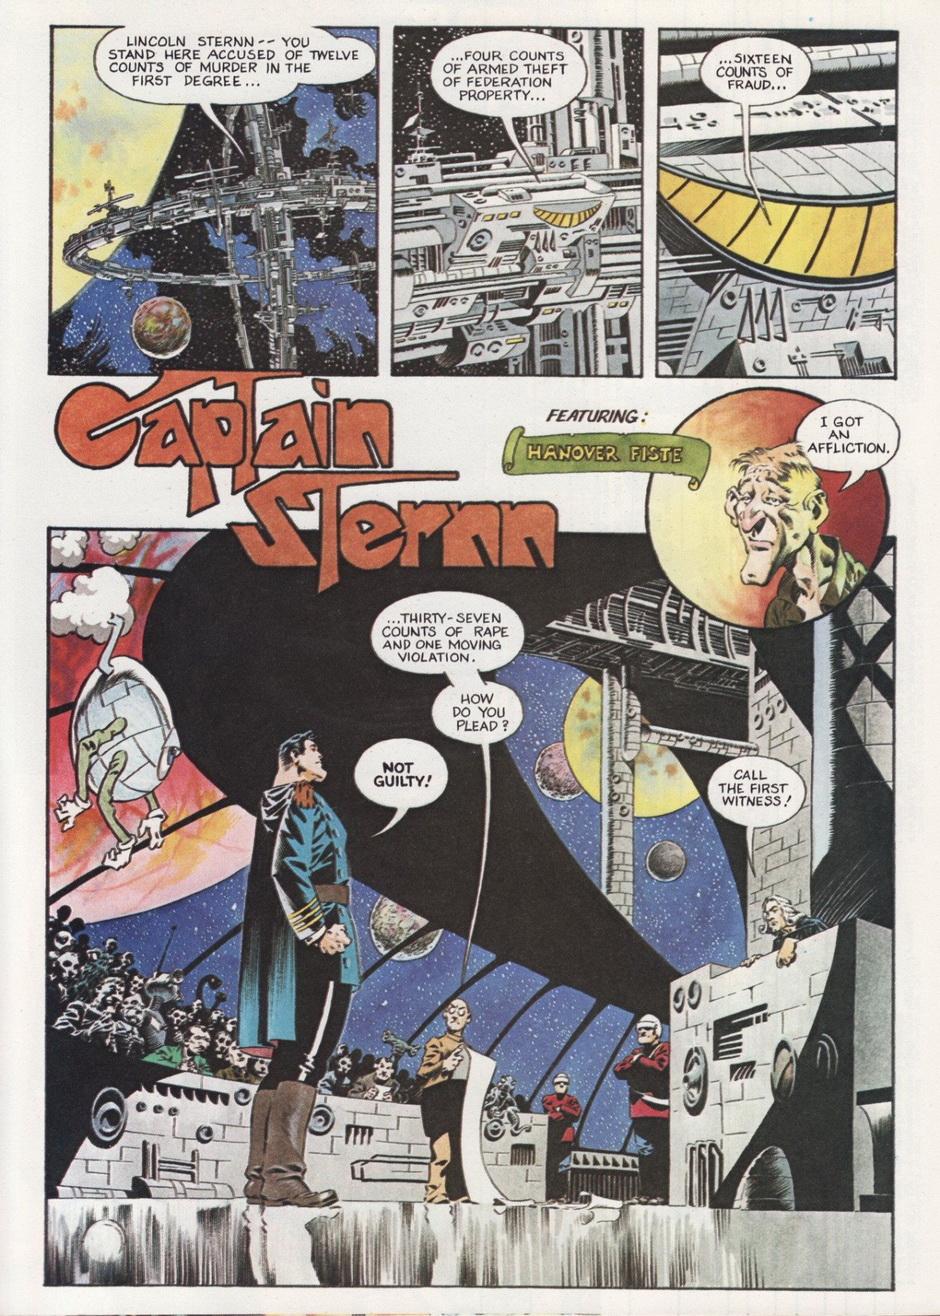 Captain Sternn by Berni Wrightson (Heavy Metal 1992)-1.jpg